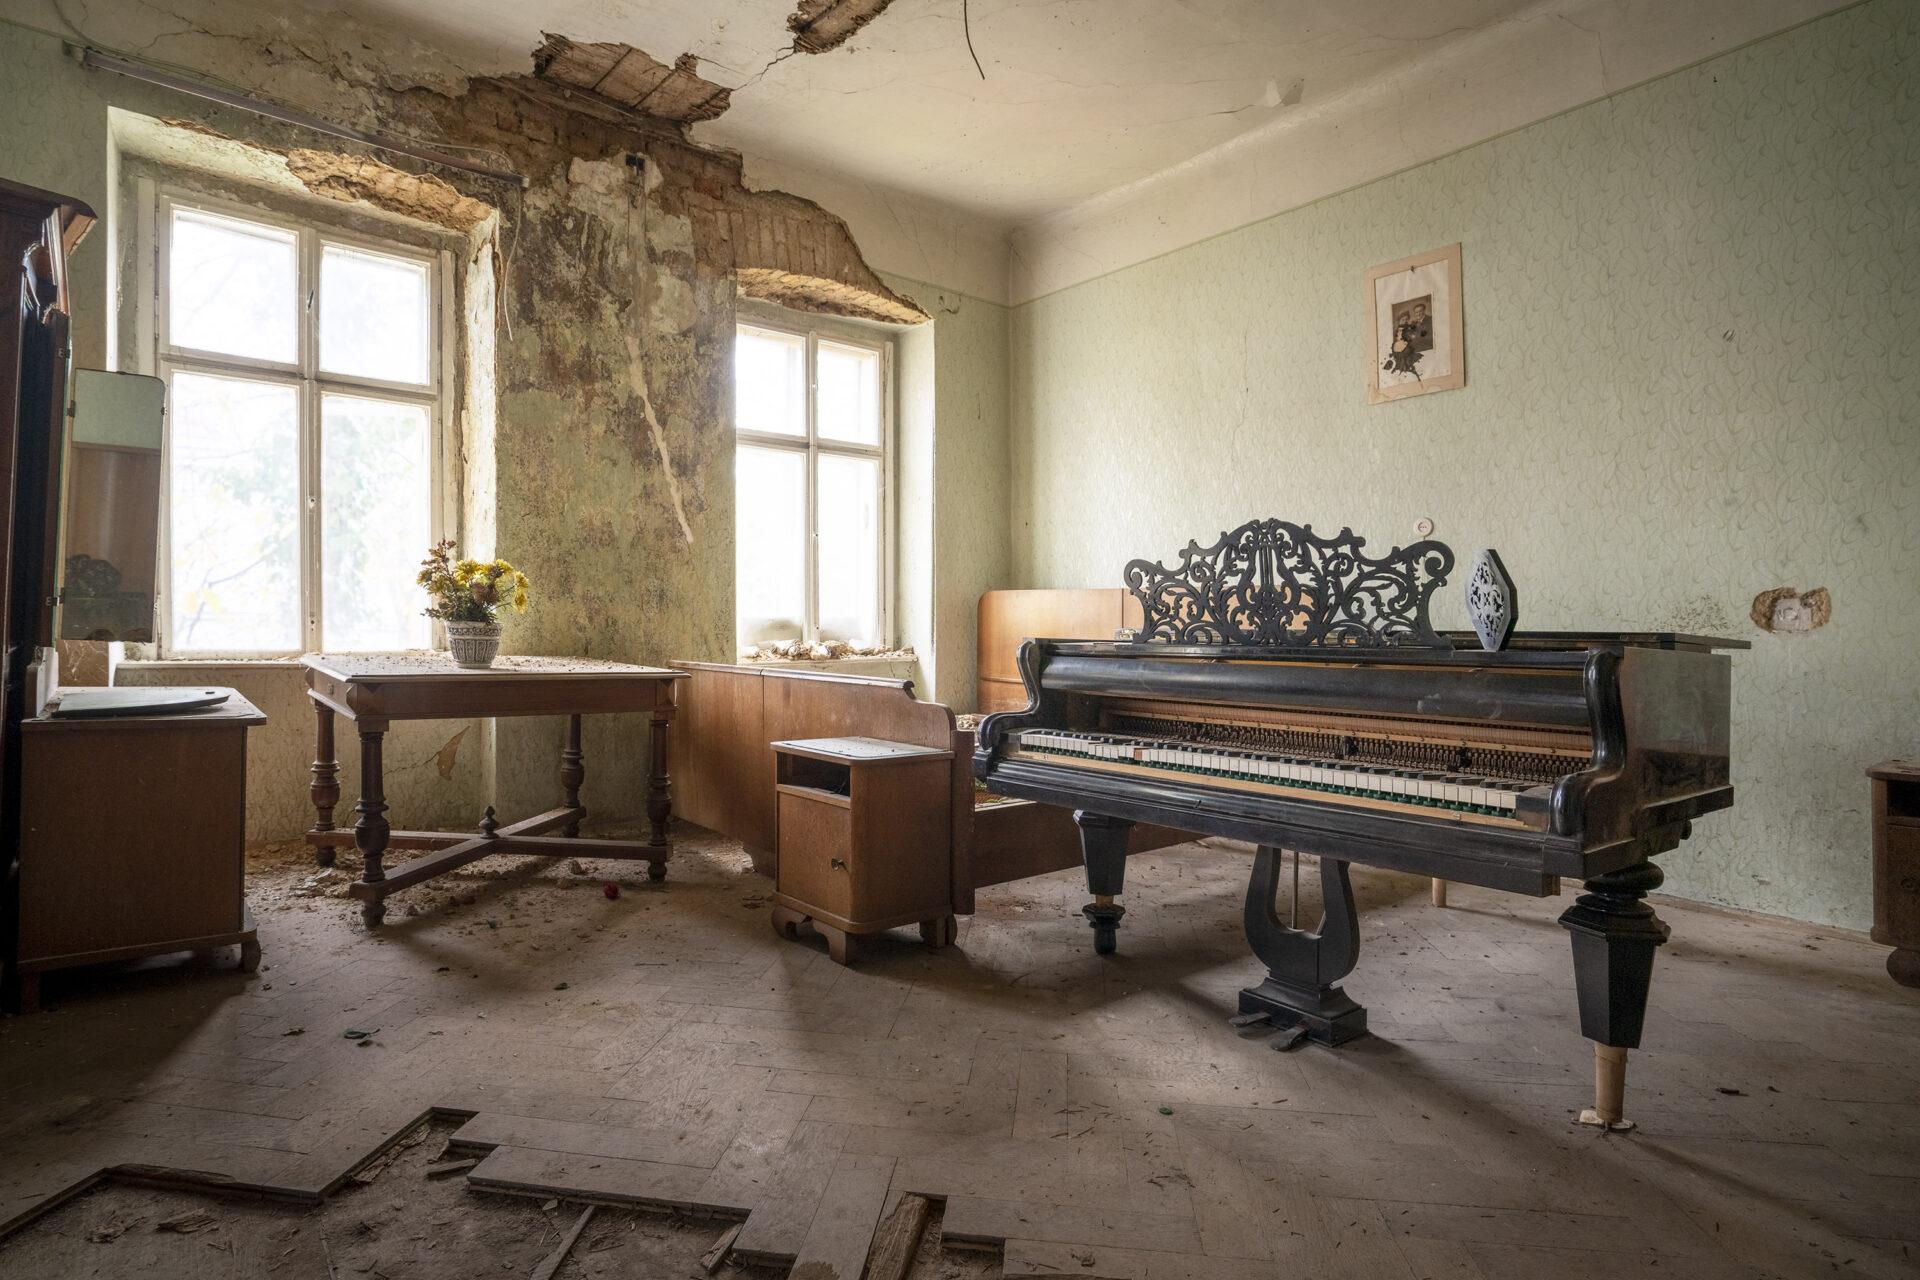 Requiem pour pianos 91 | Serie Requiem pour pianos | Romain Thiery